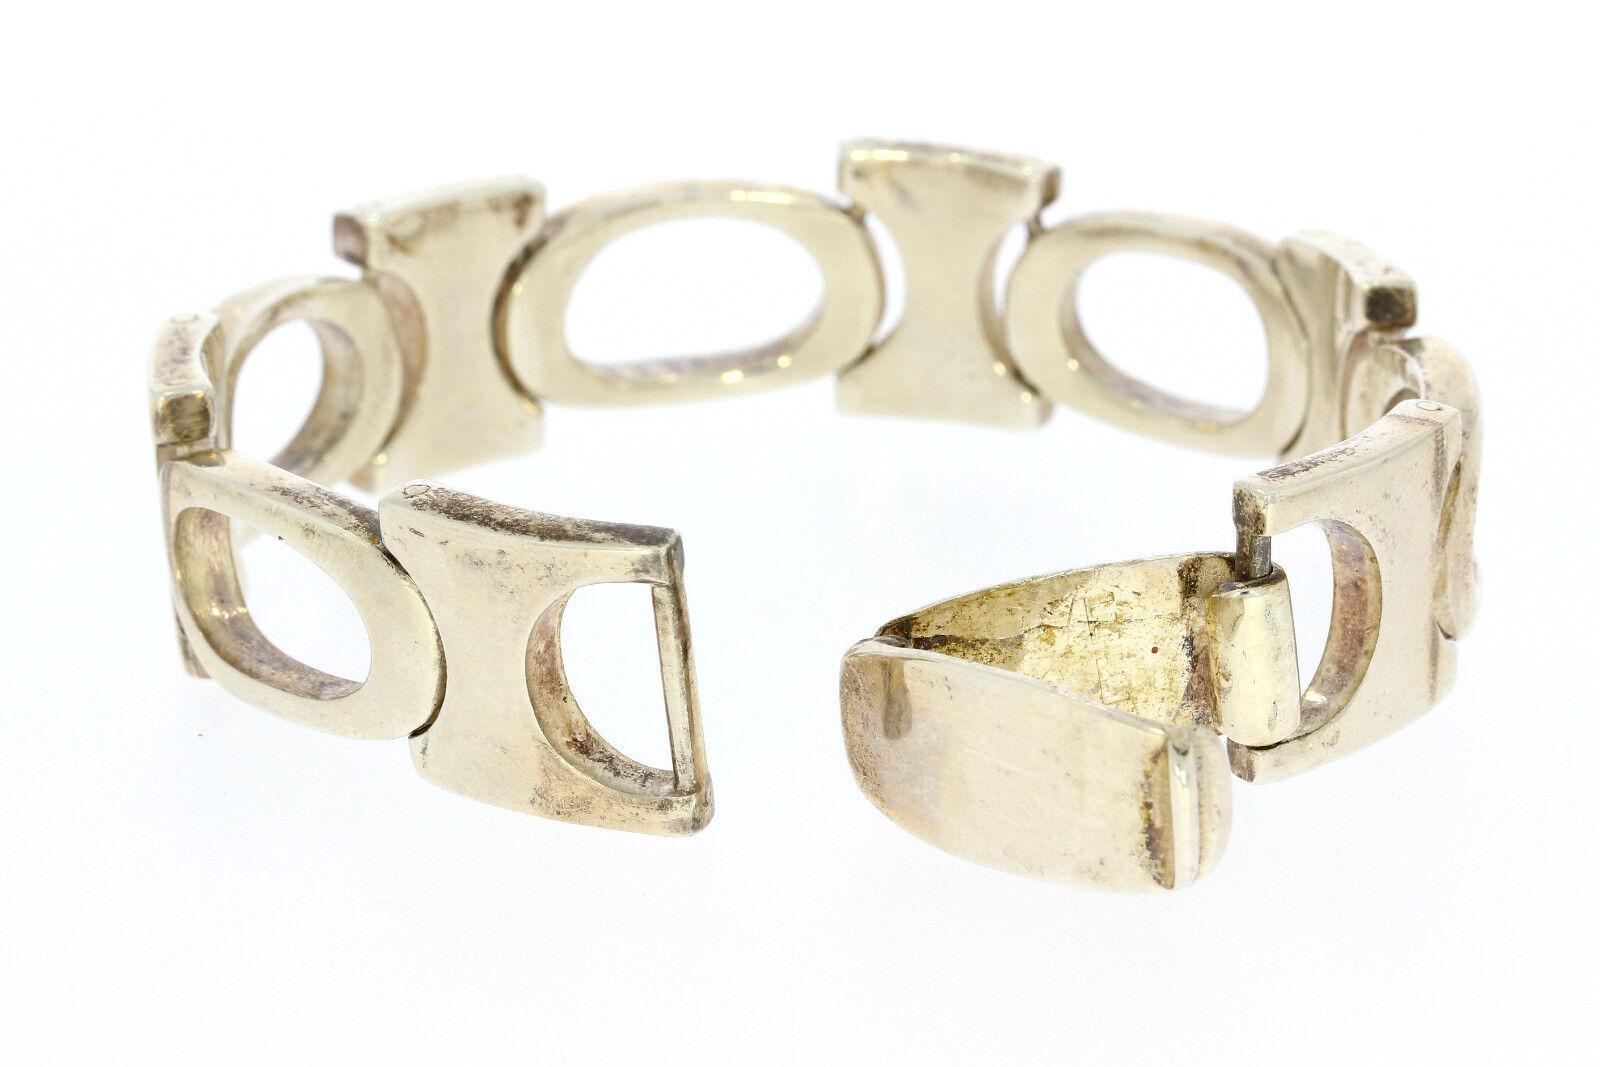 8526-925er argentoo Bracciale lungo 21 cm di larghezza 1 8 8 8 CM peso 78 5 grammi 61415a